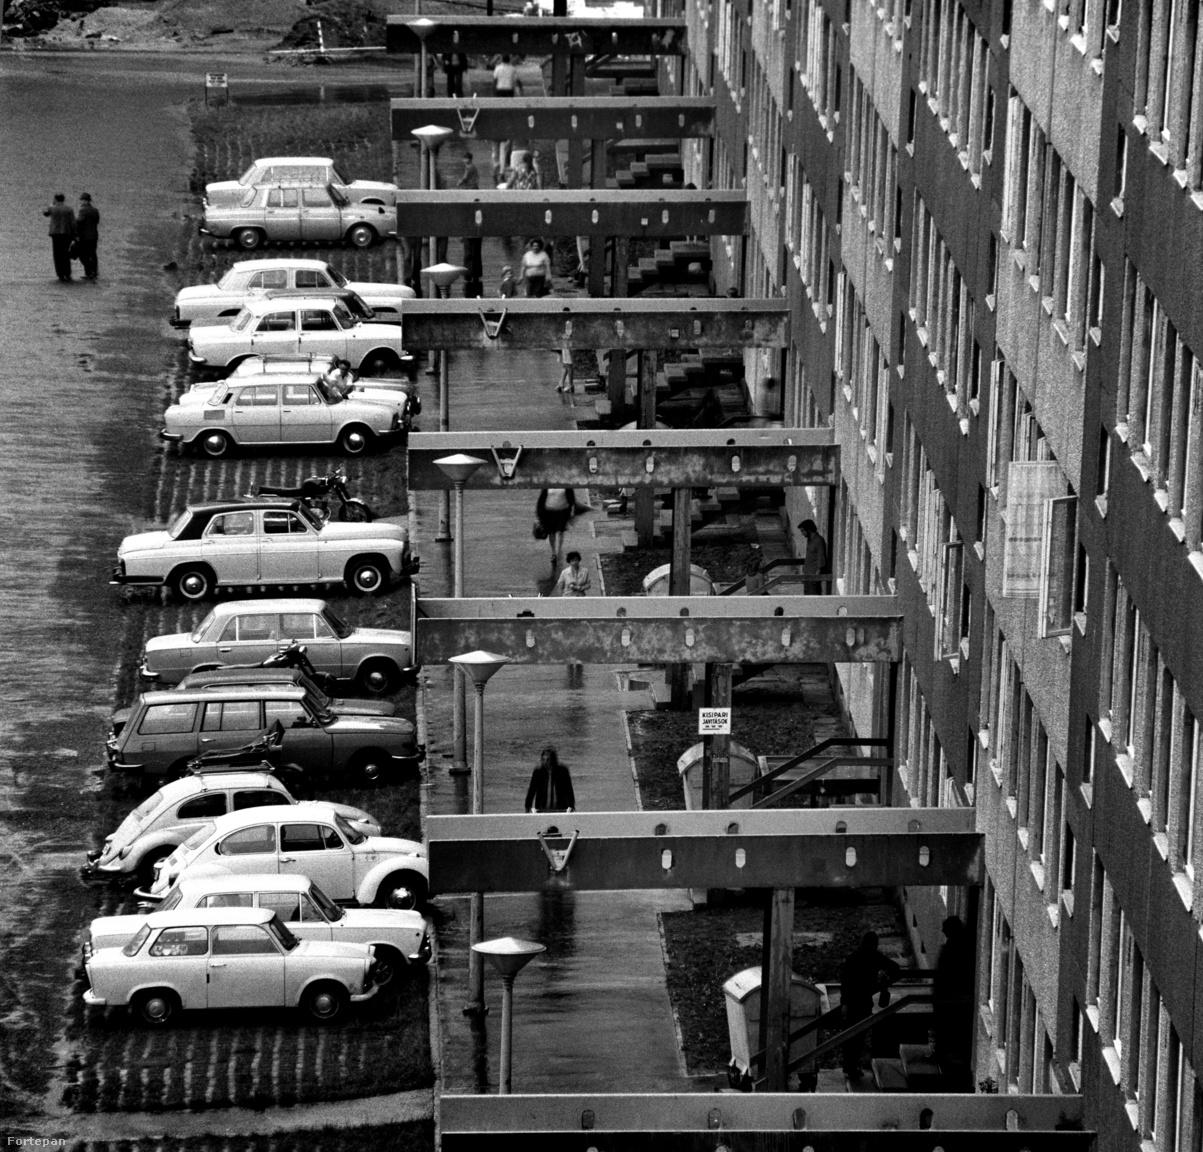 """A tervek szerint Újpalotán 60 ezer embernek akartak otthont nyújtani. A területre 14.105 lakást, 700 bölcsődei helyet, 1400 óvodai helyet, 140 tanteremet, 2520 méter alapterületű orvosi rendelőt, 18.340 méter alapterületű kereskedelmi egységet és 4900 méter alapterületű """"kulturális egységet"""" akartak felépíteni. A lakókat kiszolgáló, gyógyszertárnak, postának, hivataloknak helyt adó , egyszintes """"lepényépületeket"""" viszont csak azután kezdték el felépíteni, hogy az utolsó panelek is felépültek. Addig ideiglenesen felhúzott bódékban vagy a csarnokban lehetett vásárolni, dolgokat intézni."""